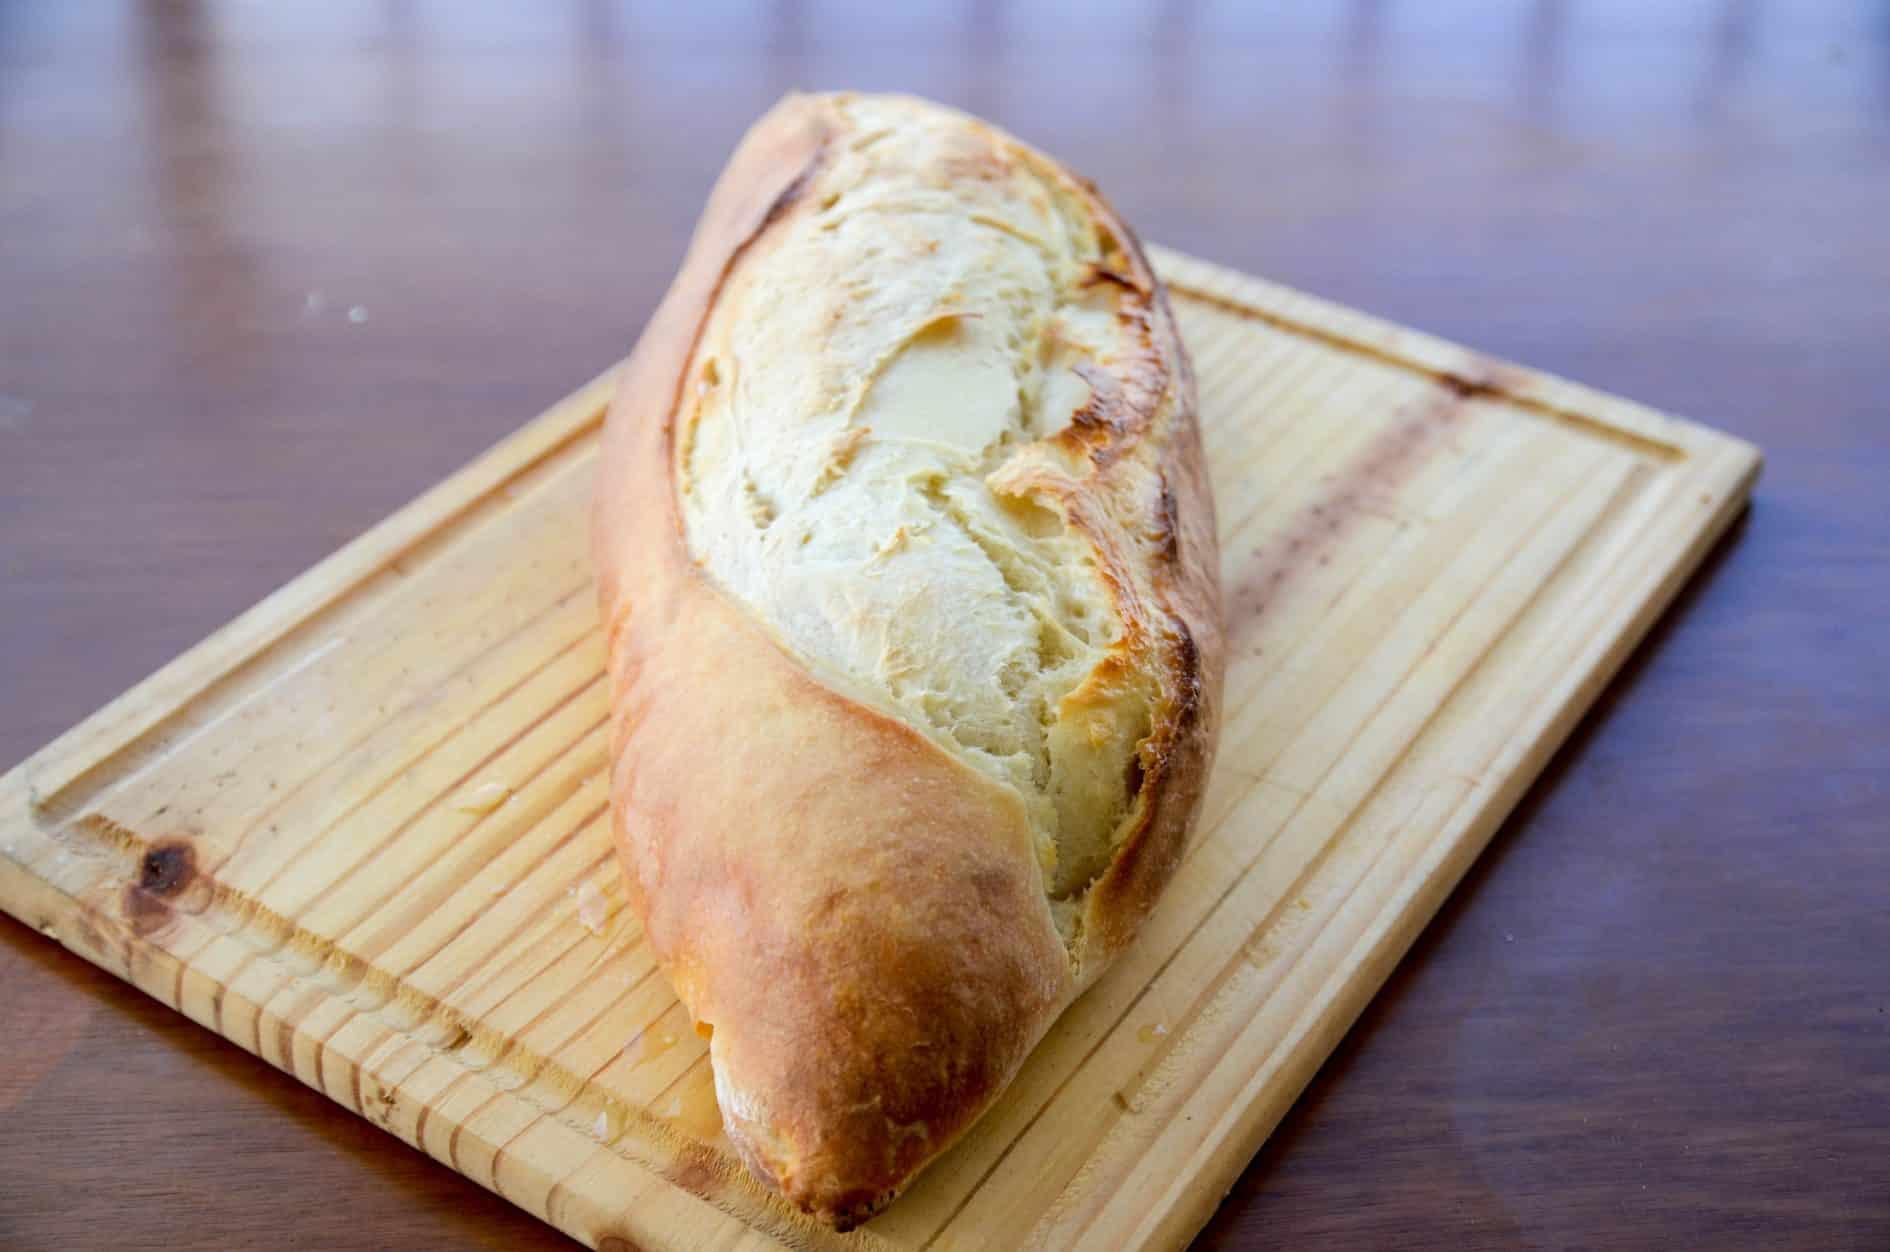 receita de pão de iogurte natural e mel feito com fermentação prolongada. Pão macio com casquinha crocante